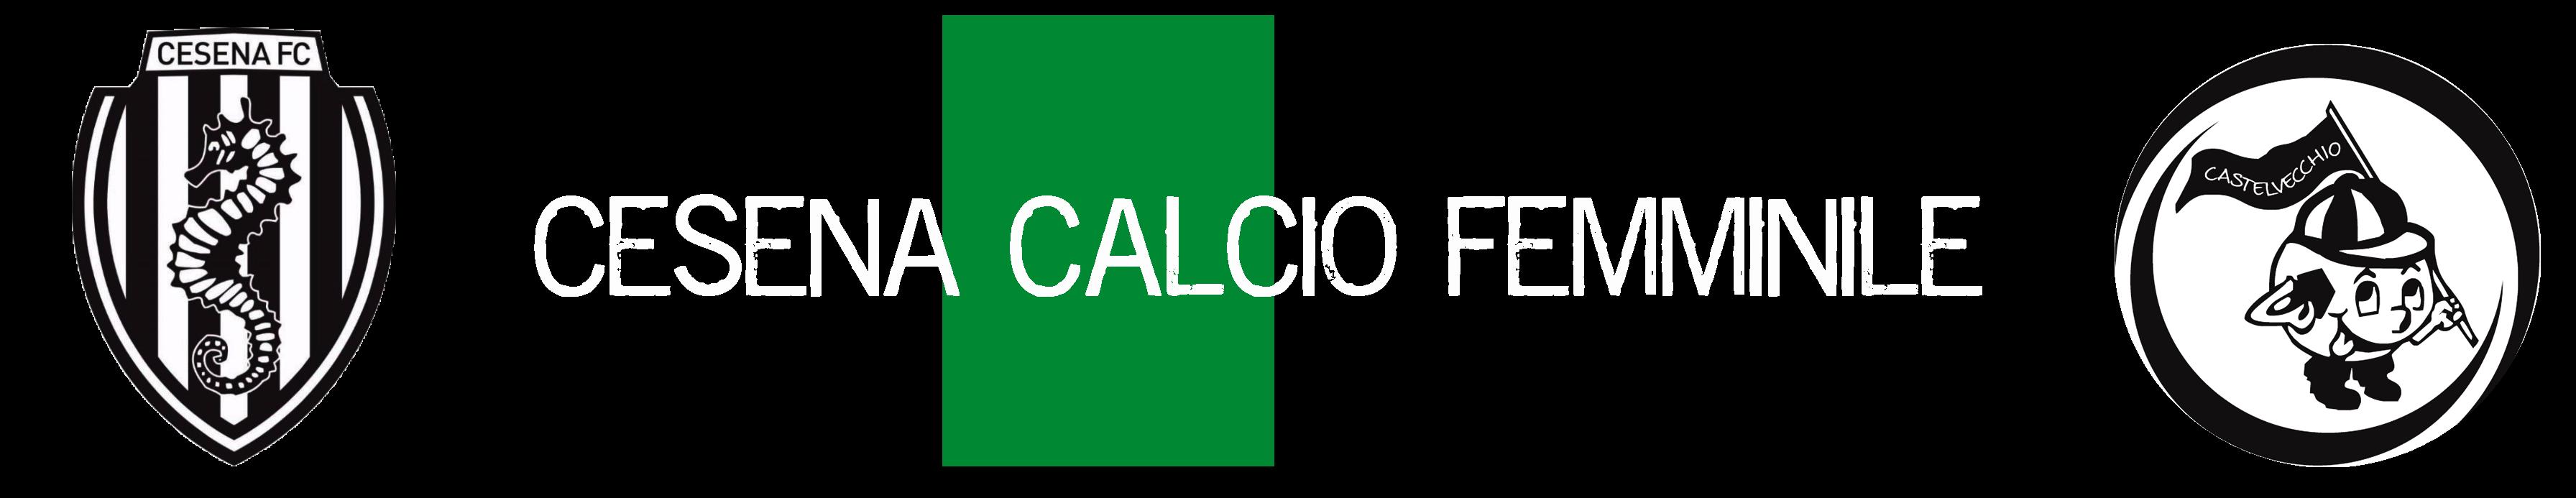 CESENA FC FEMMINILE